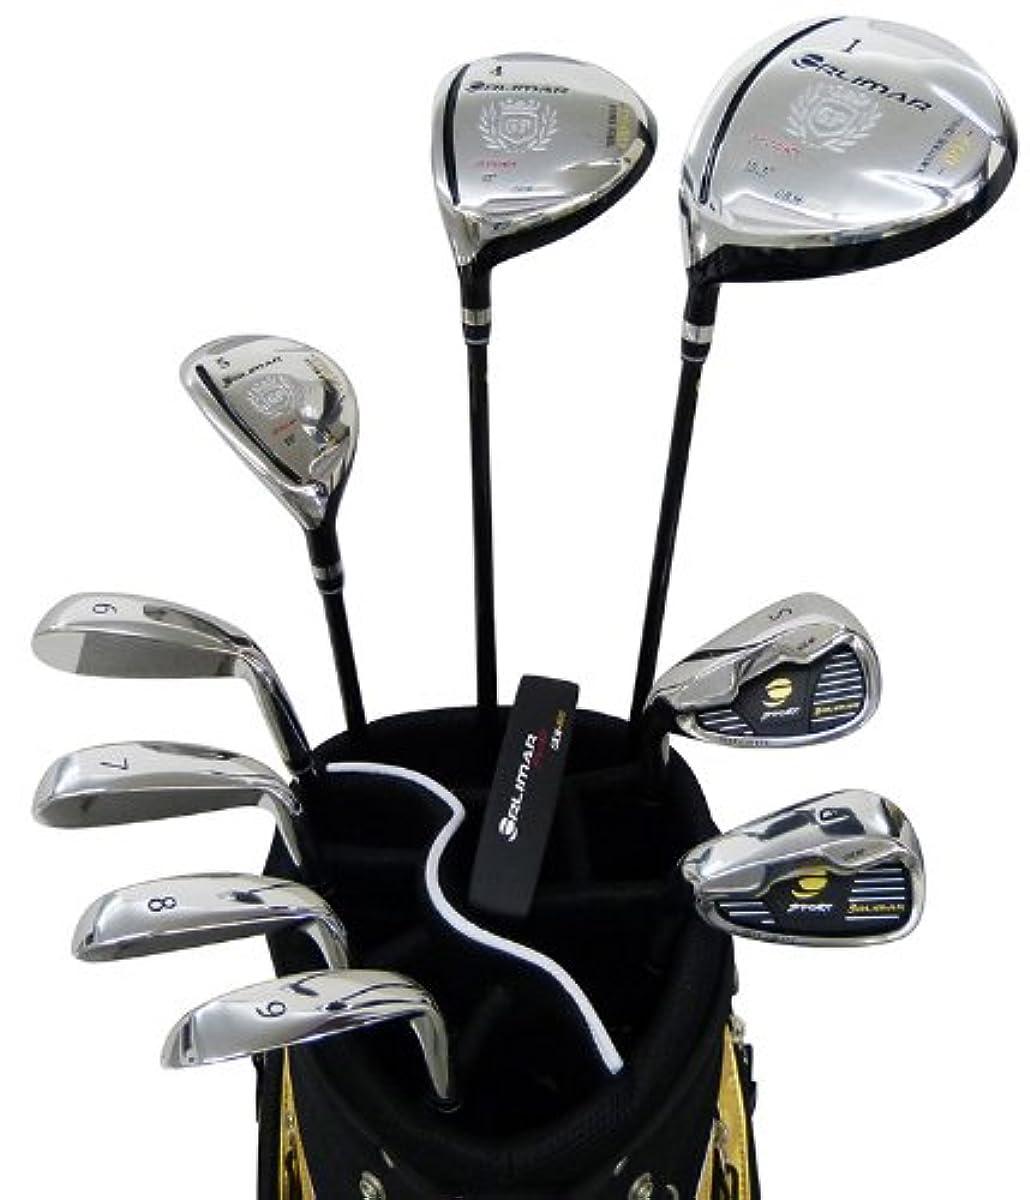 [해외] ORLIMAR(오리마) ORM-800 맨즈 골프 풀 세트 스타터 세트 레프티(왼손잡이)― 【왼쪽용】 SR 9퍼터입 캐디화이트 첨부